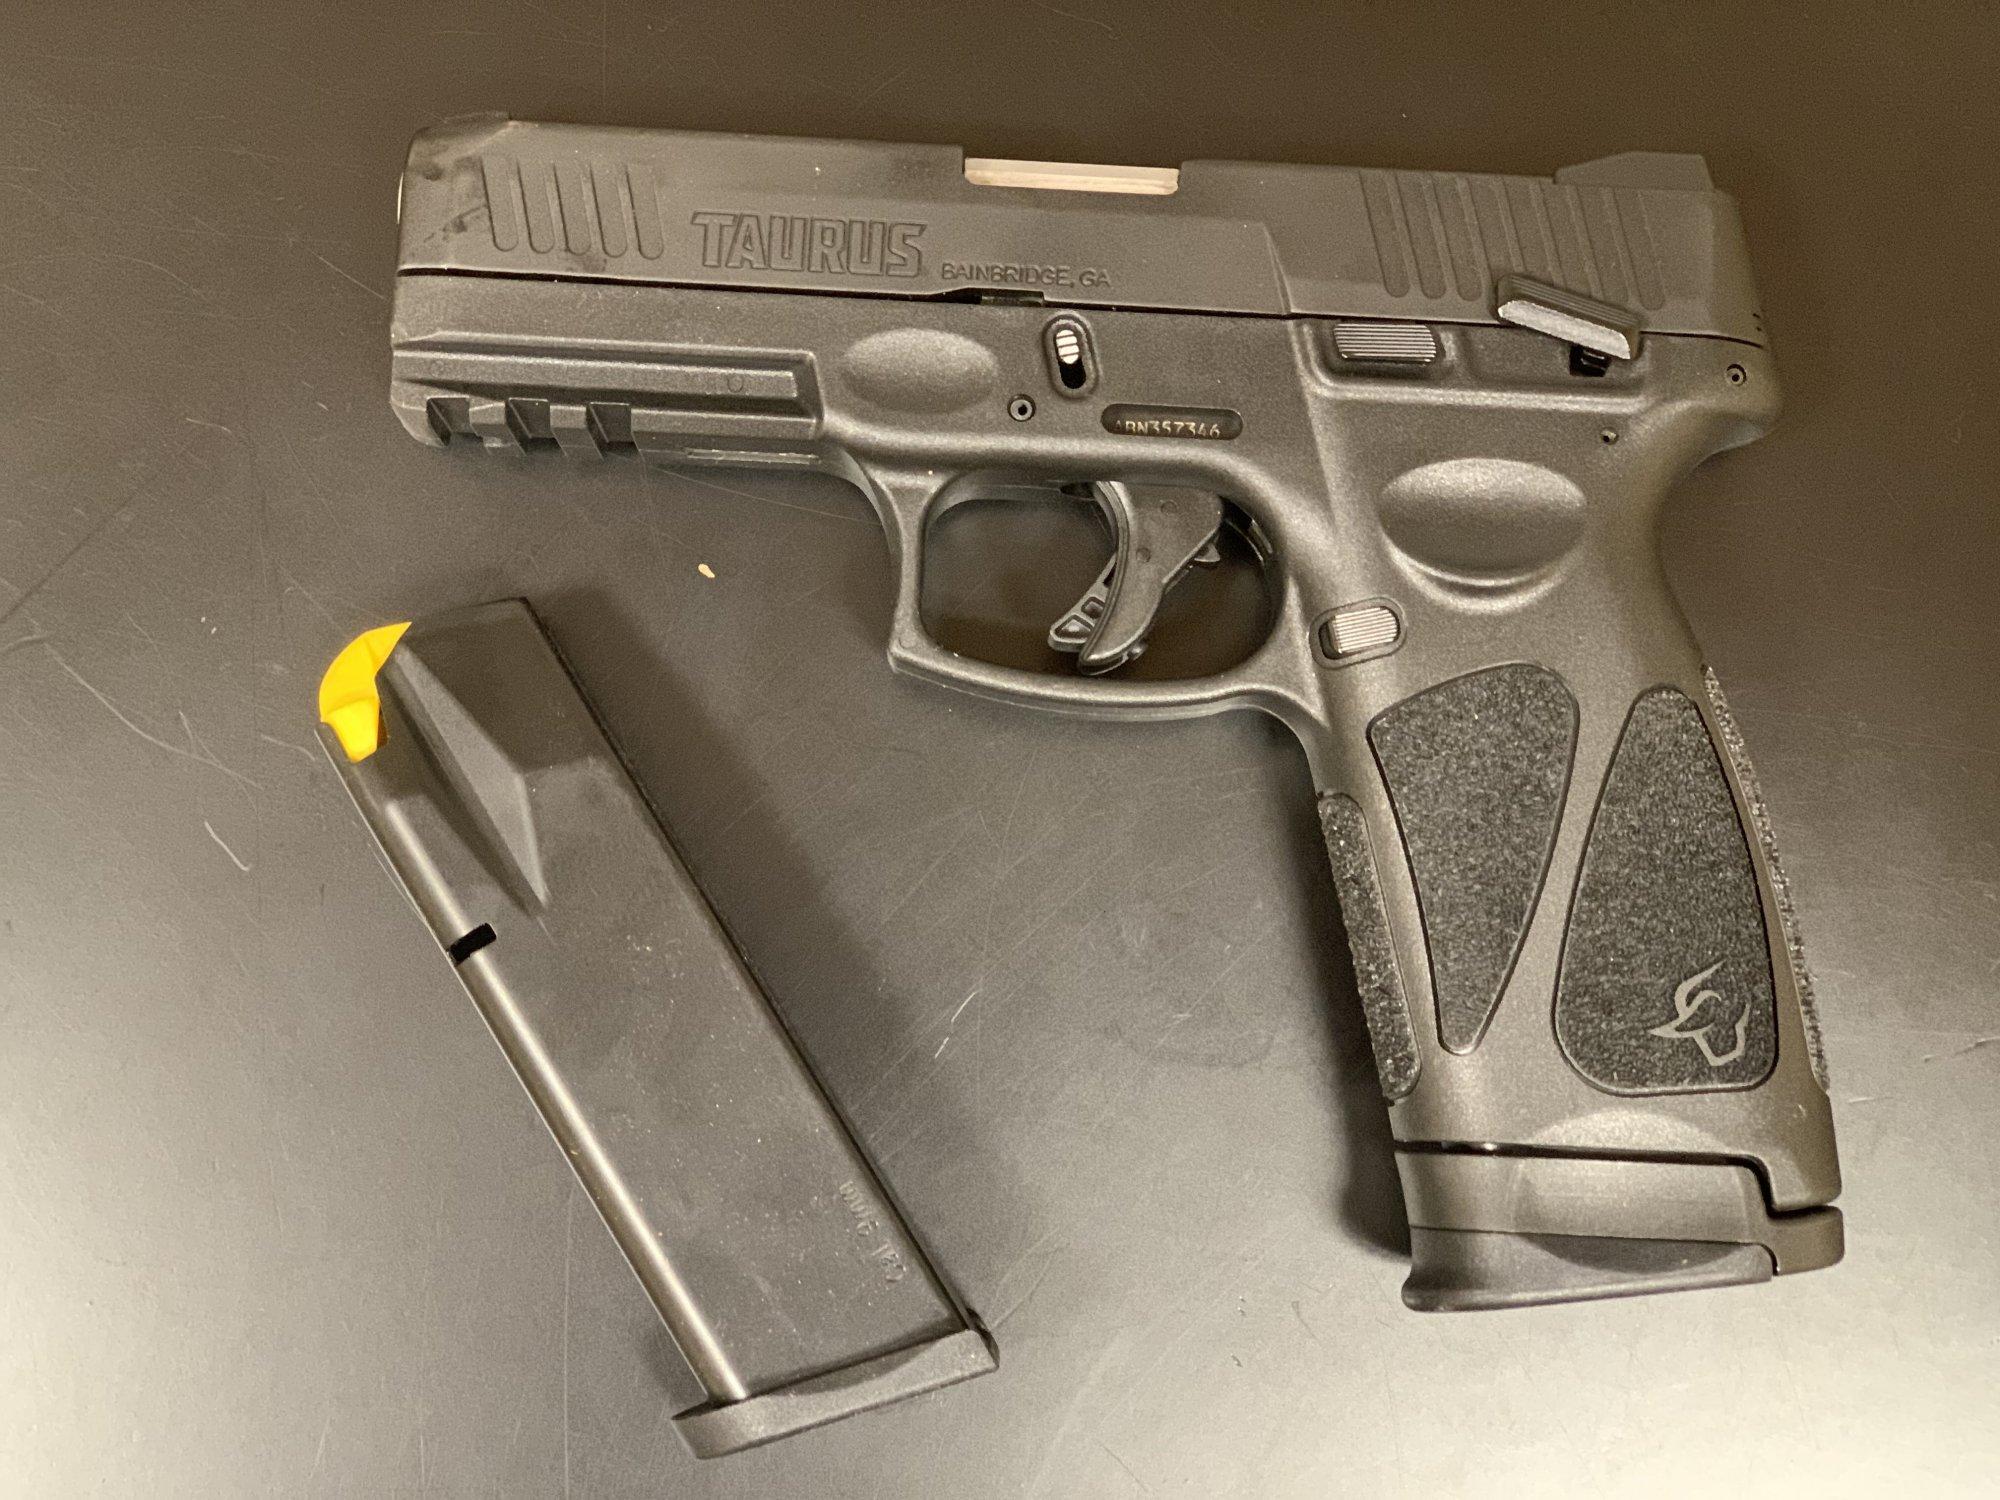 Taurus G3 9mm Semi Automatic Pistol - Black